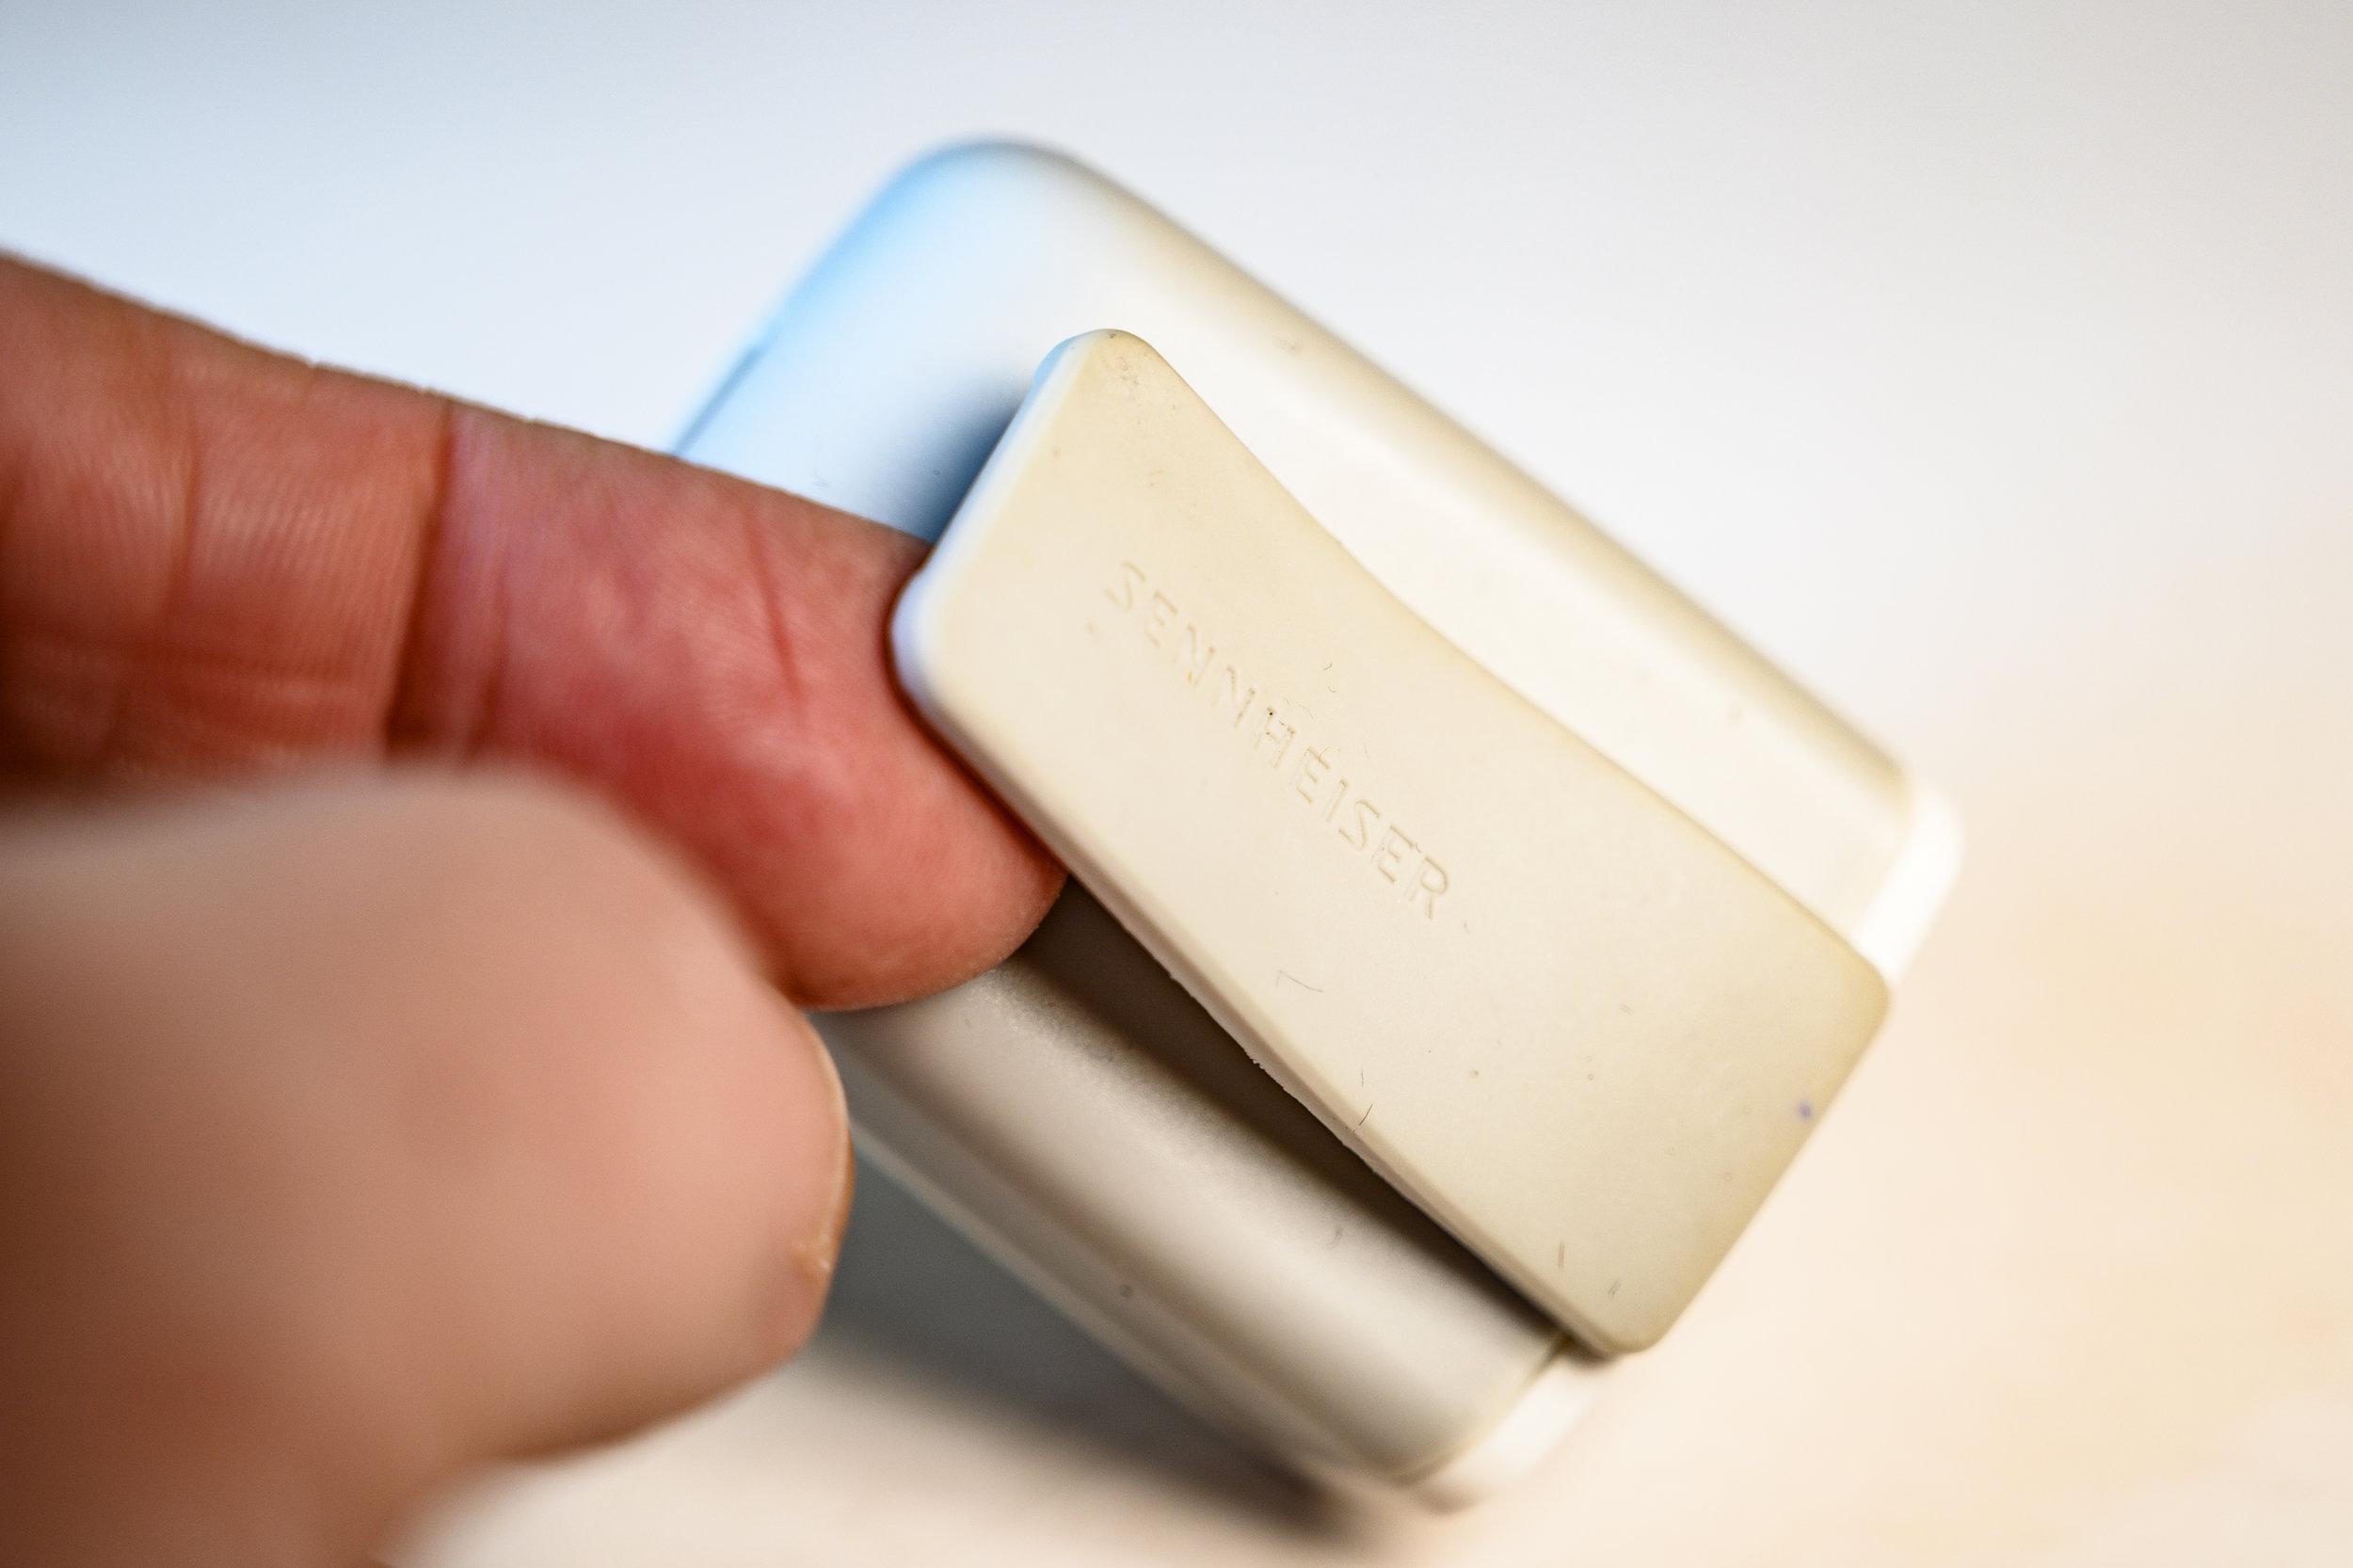 På baksidan sitter en magnetklämma för att fästa Memory Mic i ett rockslag, en skjortficka eller där det passar.